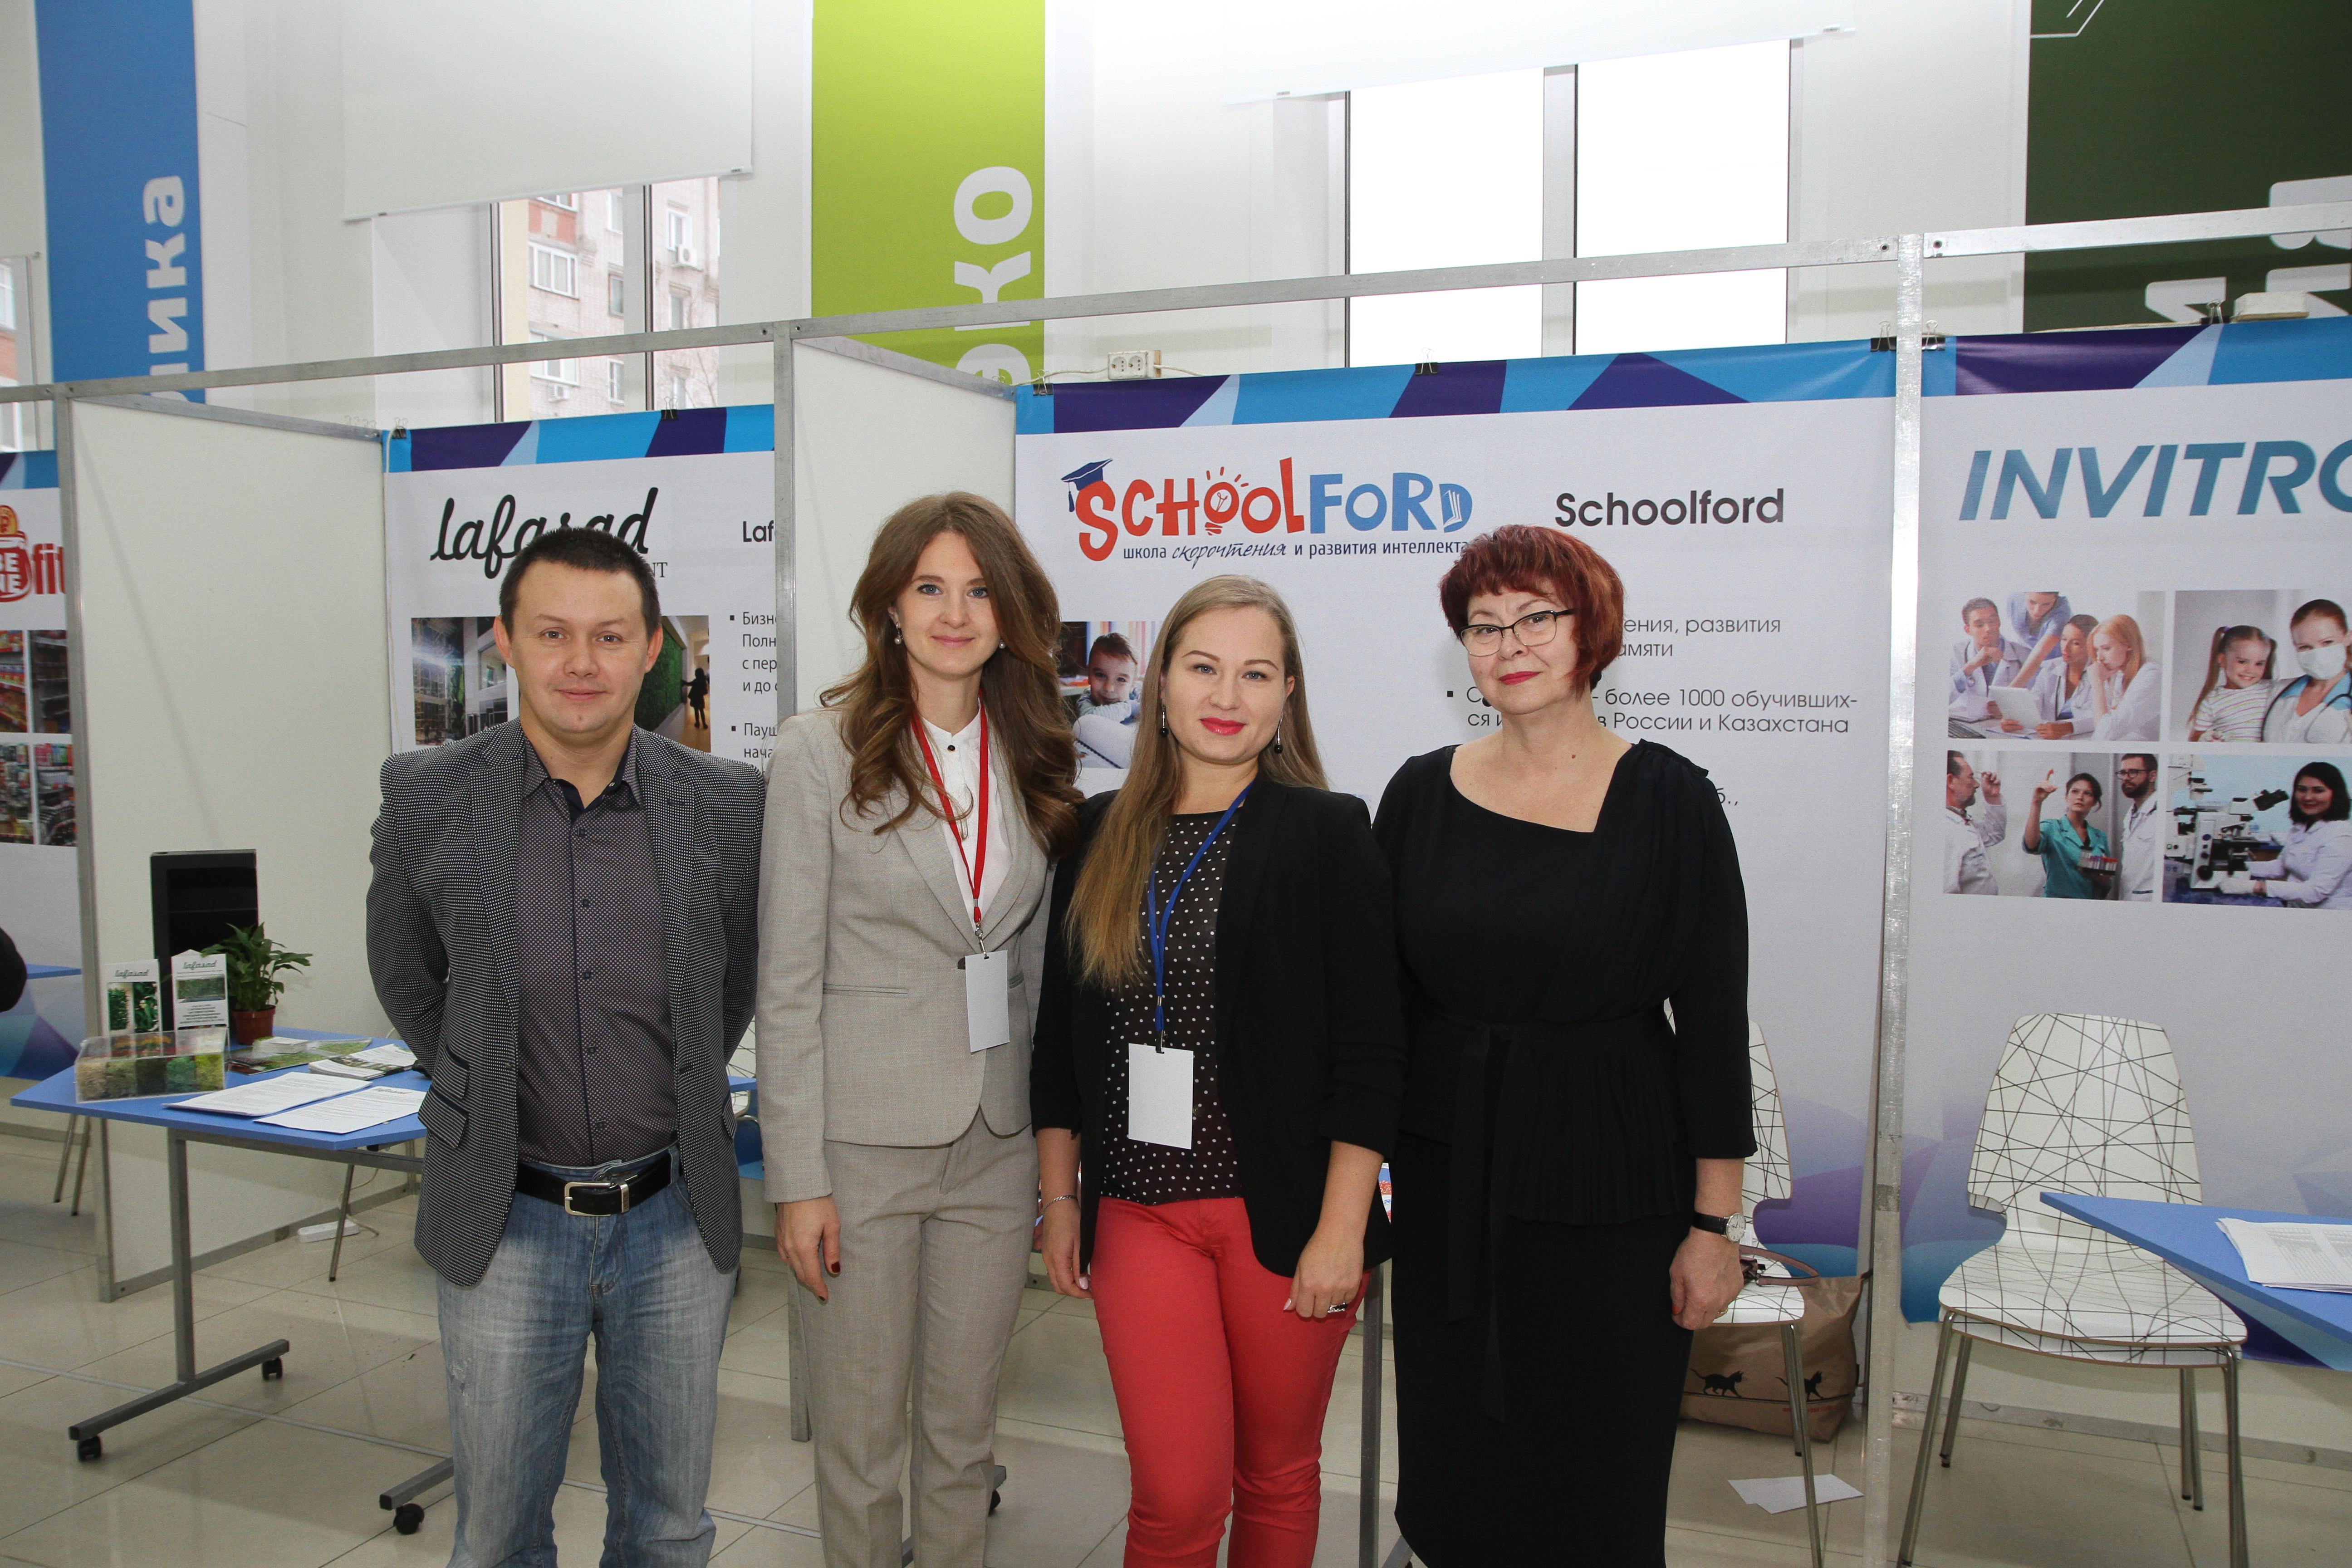 Выставка по франчайзингу в Кирове | Schoolford